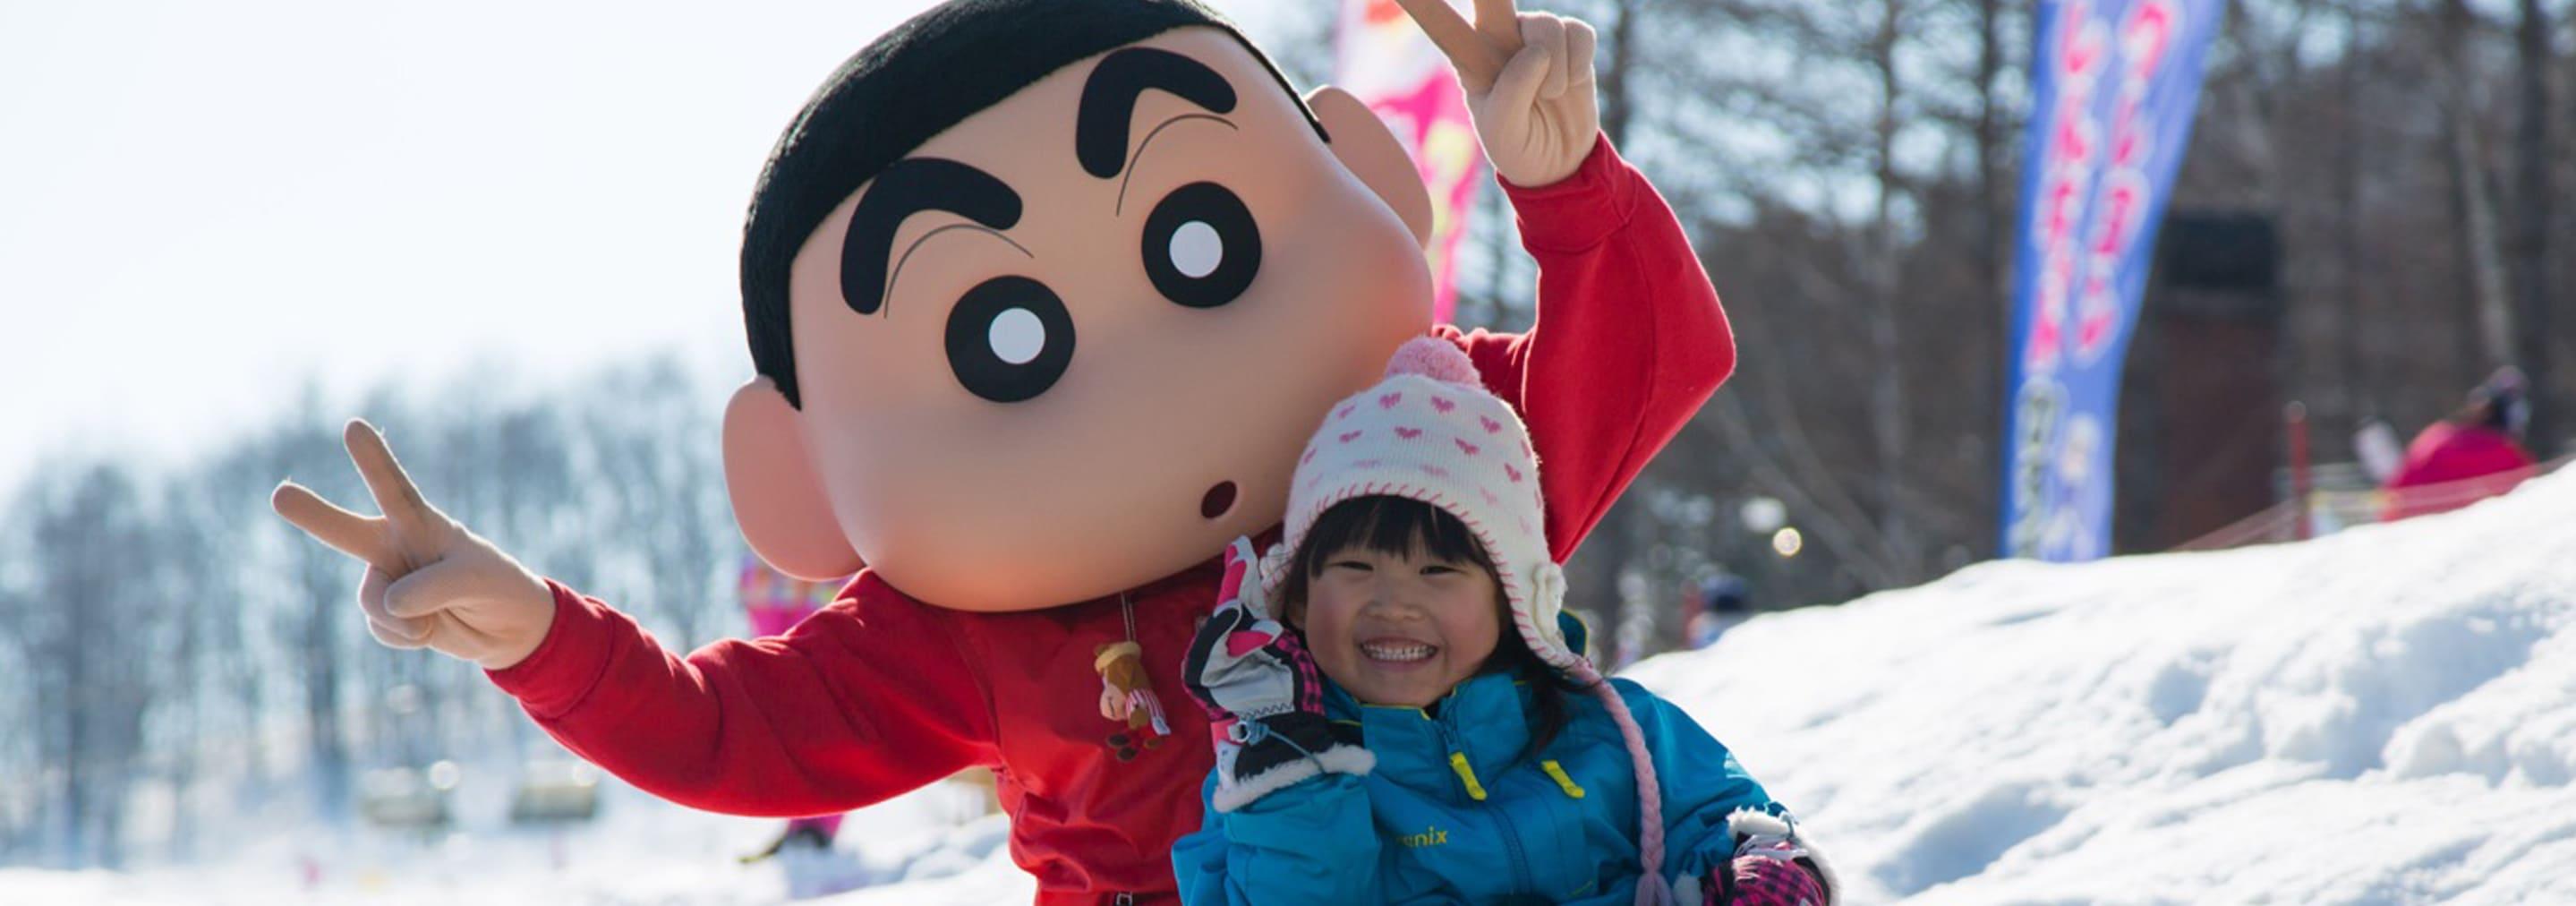 Crayon Shinchan Kid's Park